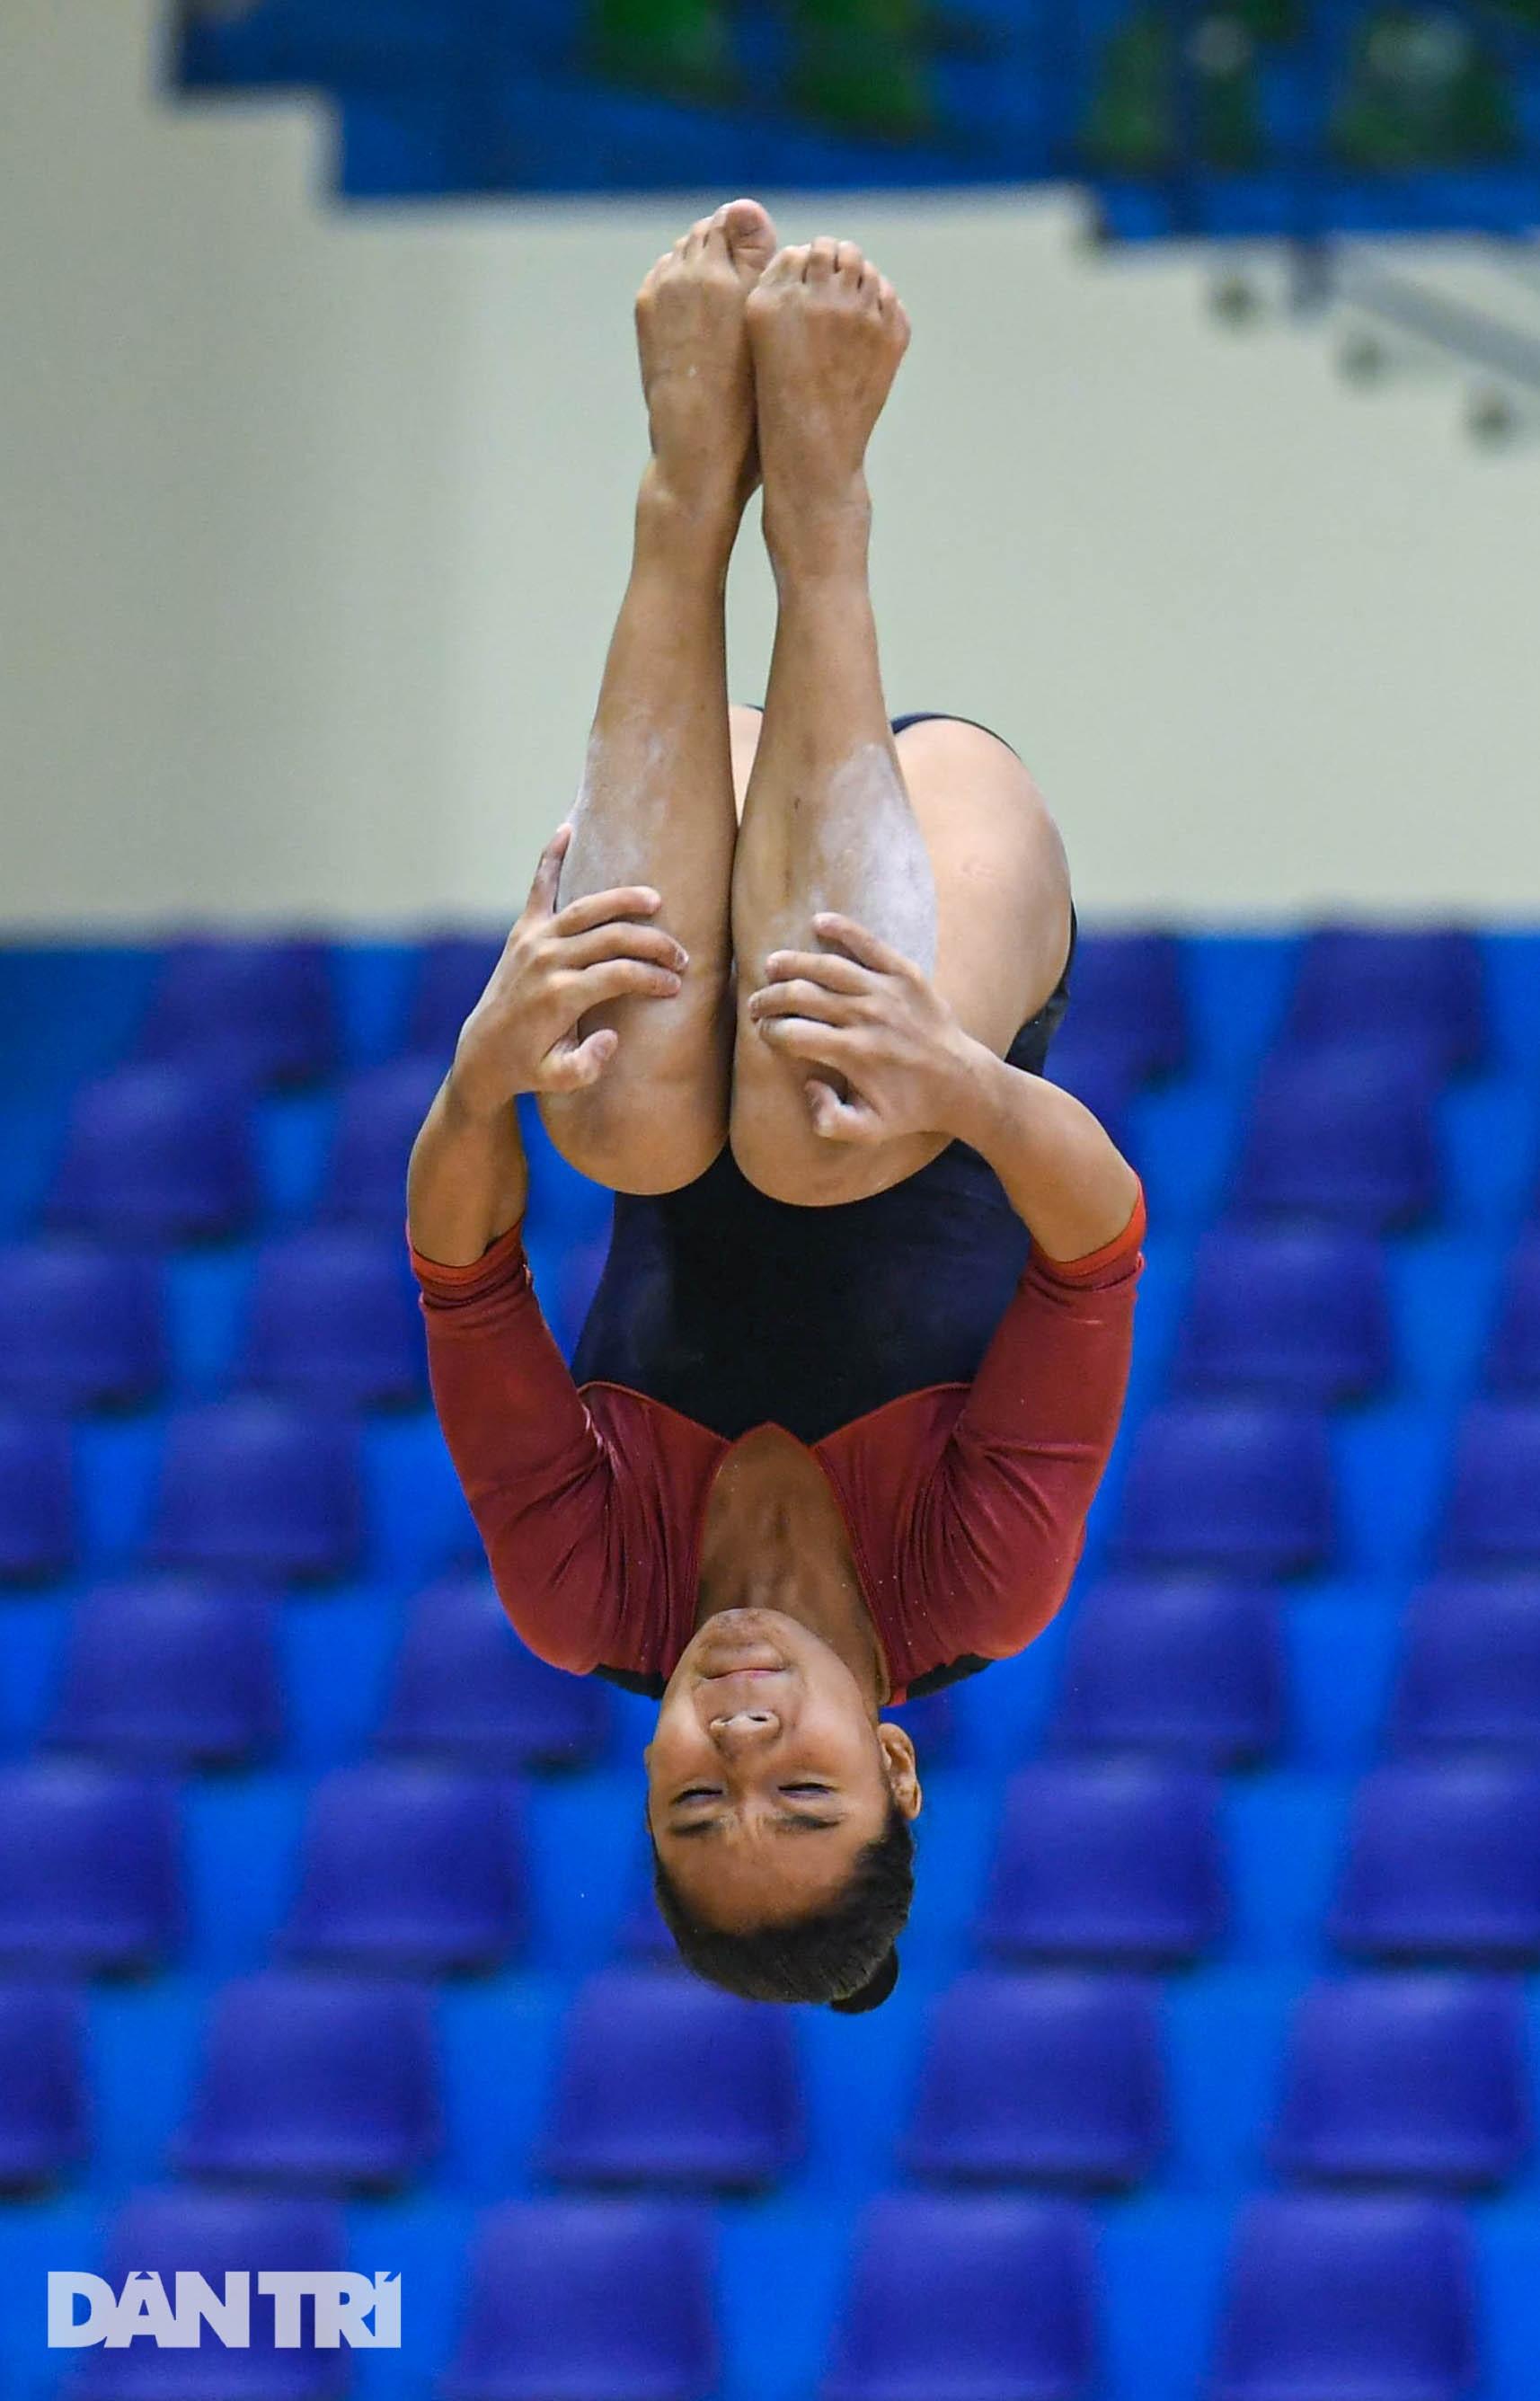 Mãn nhãn với những màn biểu diễn thể dục dụng cụ tại giải quốc gia - 24